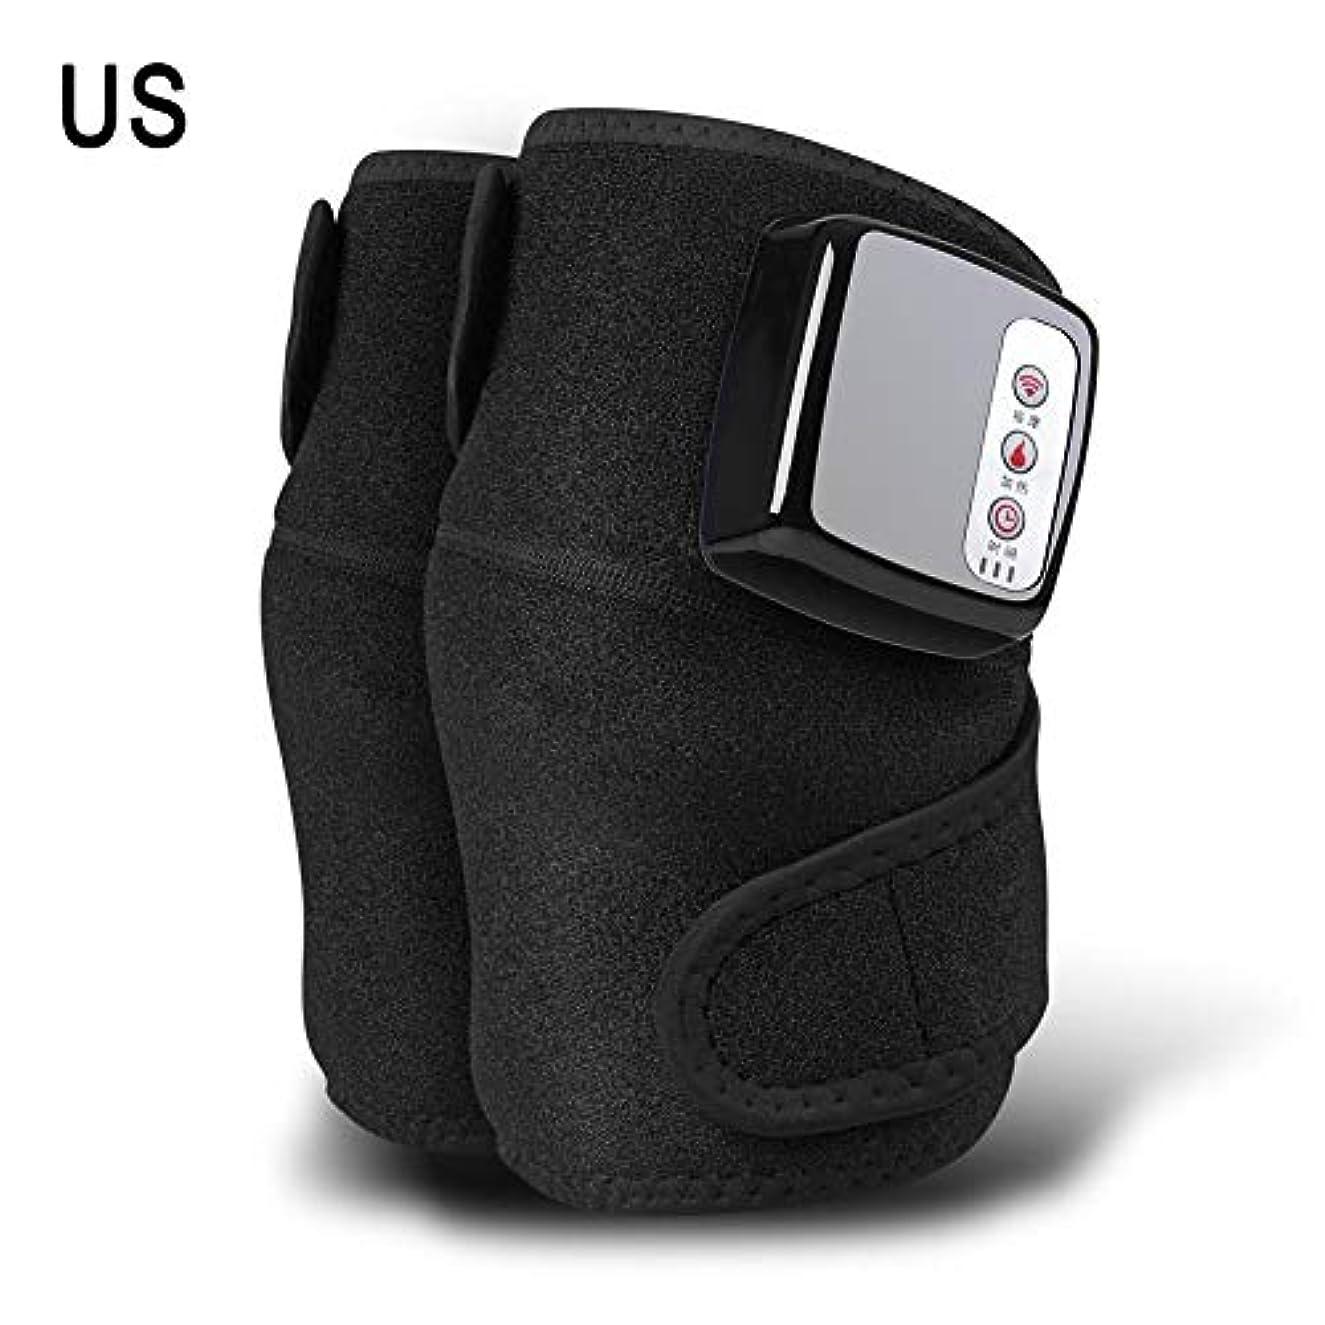 抑止する仮称ありがたい膝マッサージャー、ホットコンプレス、振動、多機能充電式発熱膝マッサージャー、暖かい膝関節、古い冷たい脚